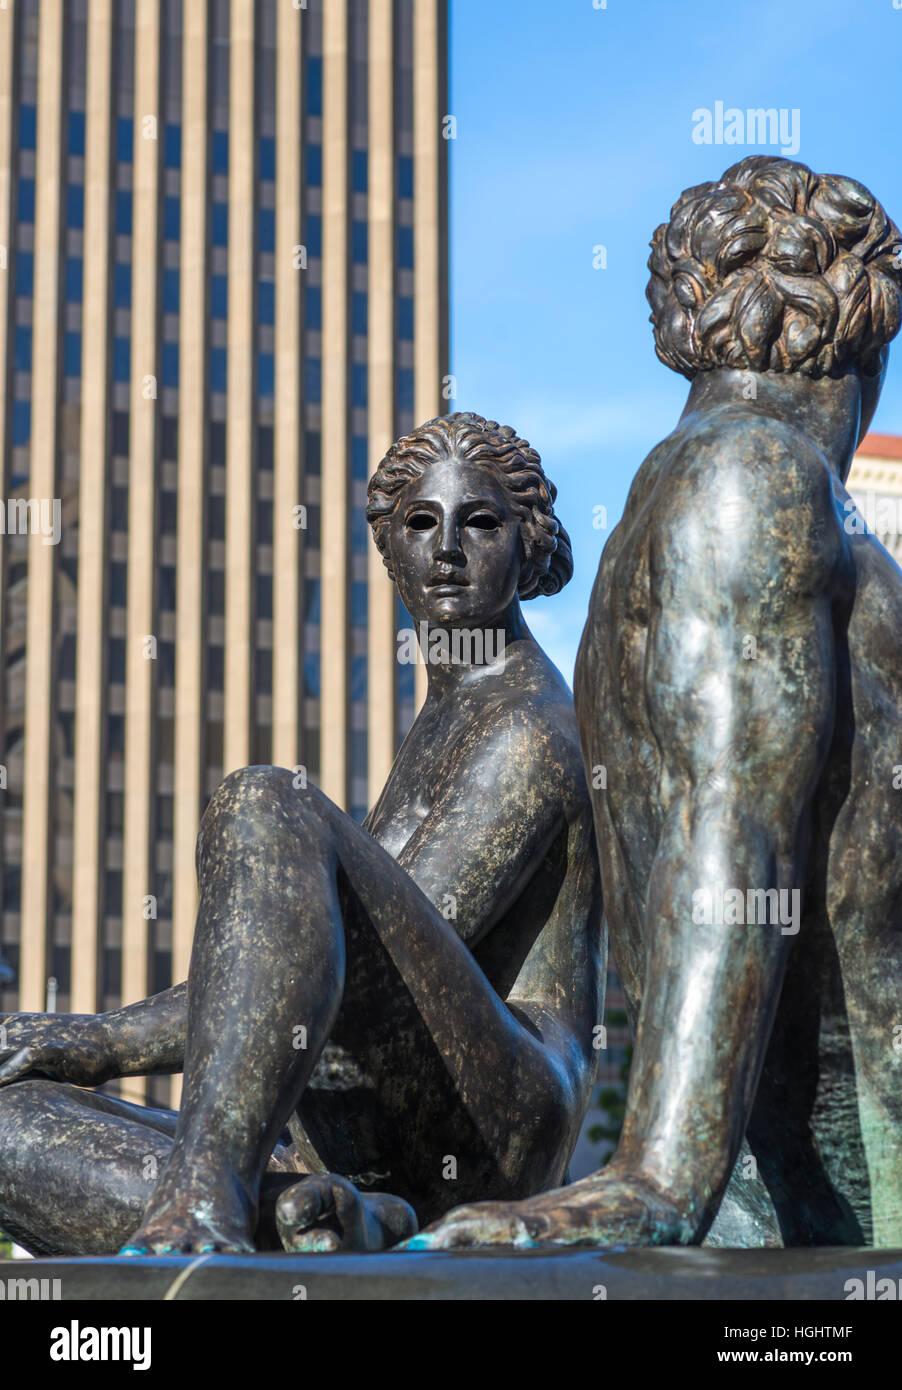 Fontaine de la sculpture des deux océans dans le centre-ville de San Diego, Californie, USA. Photo Stock